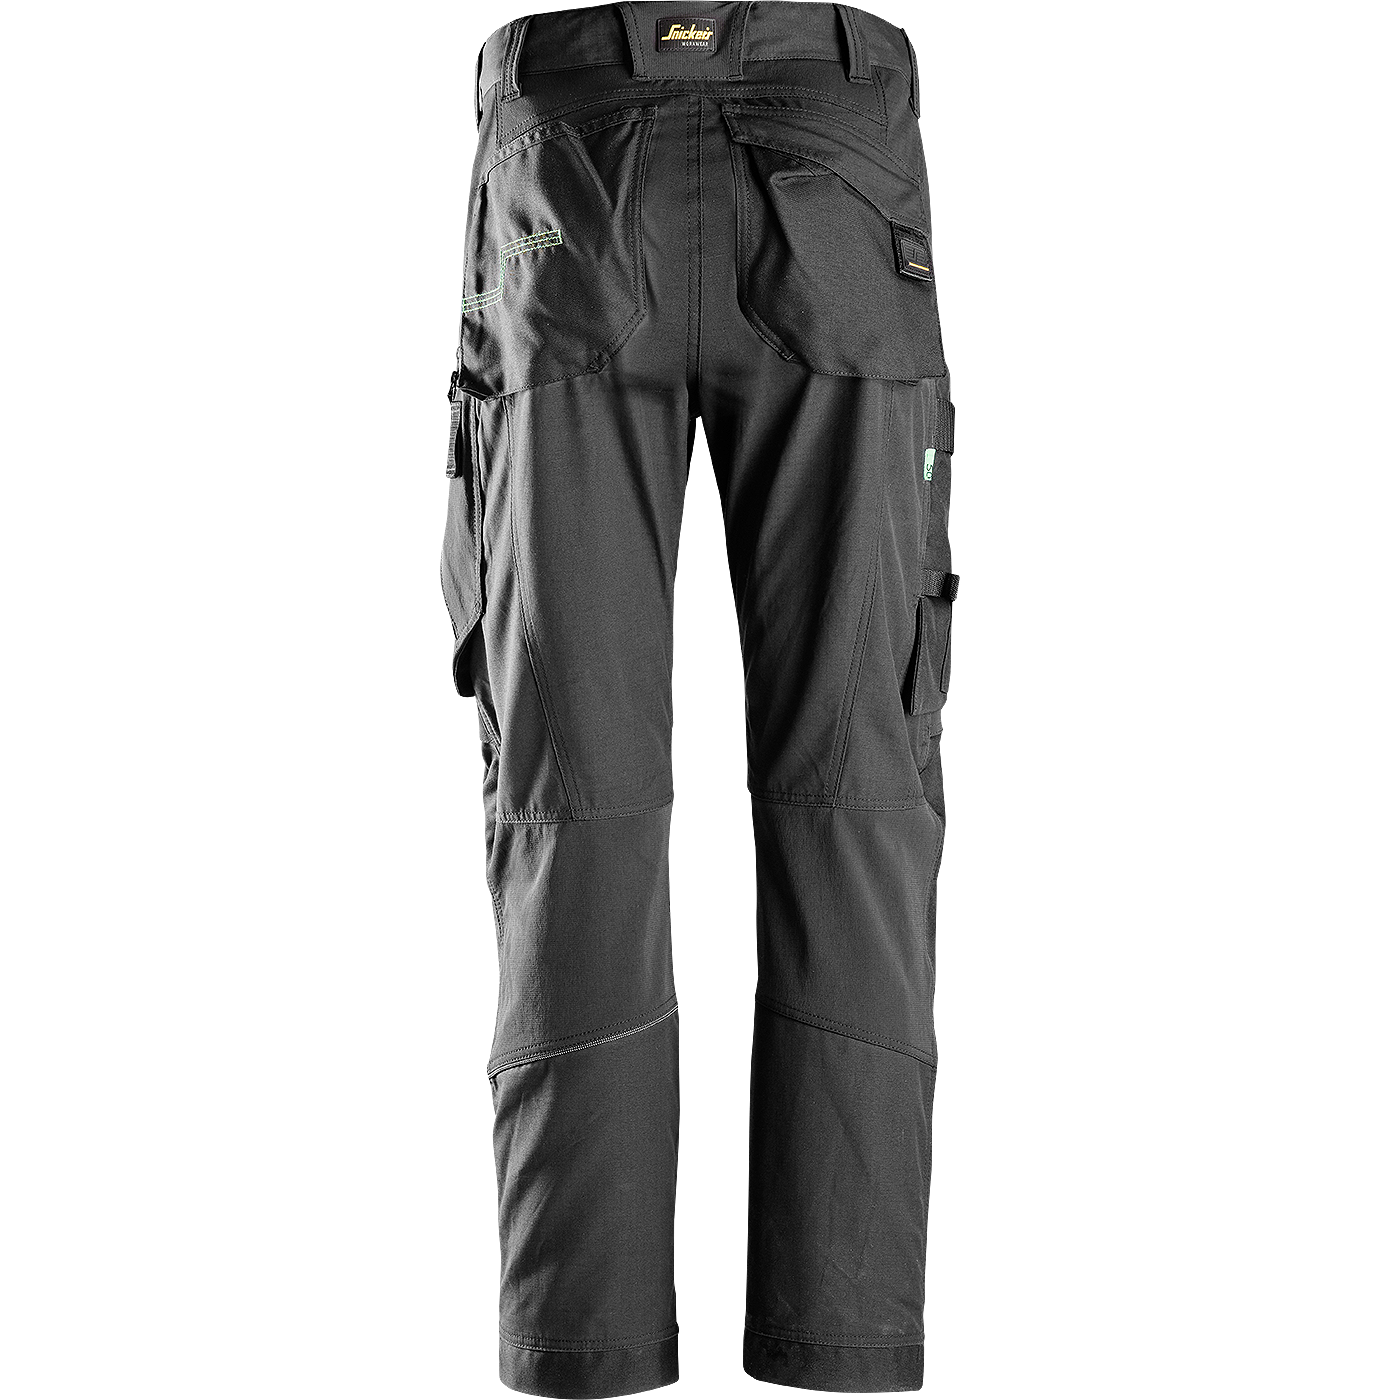 WOOLPOWER 200 нижняя футболка из мериносовой шерсти с высоким воротником на молнии